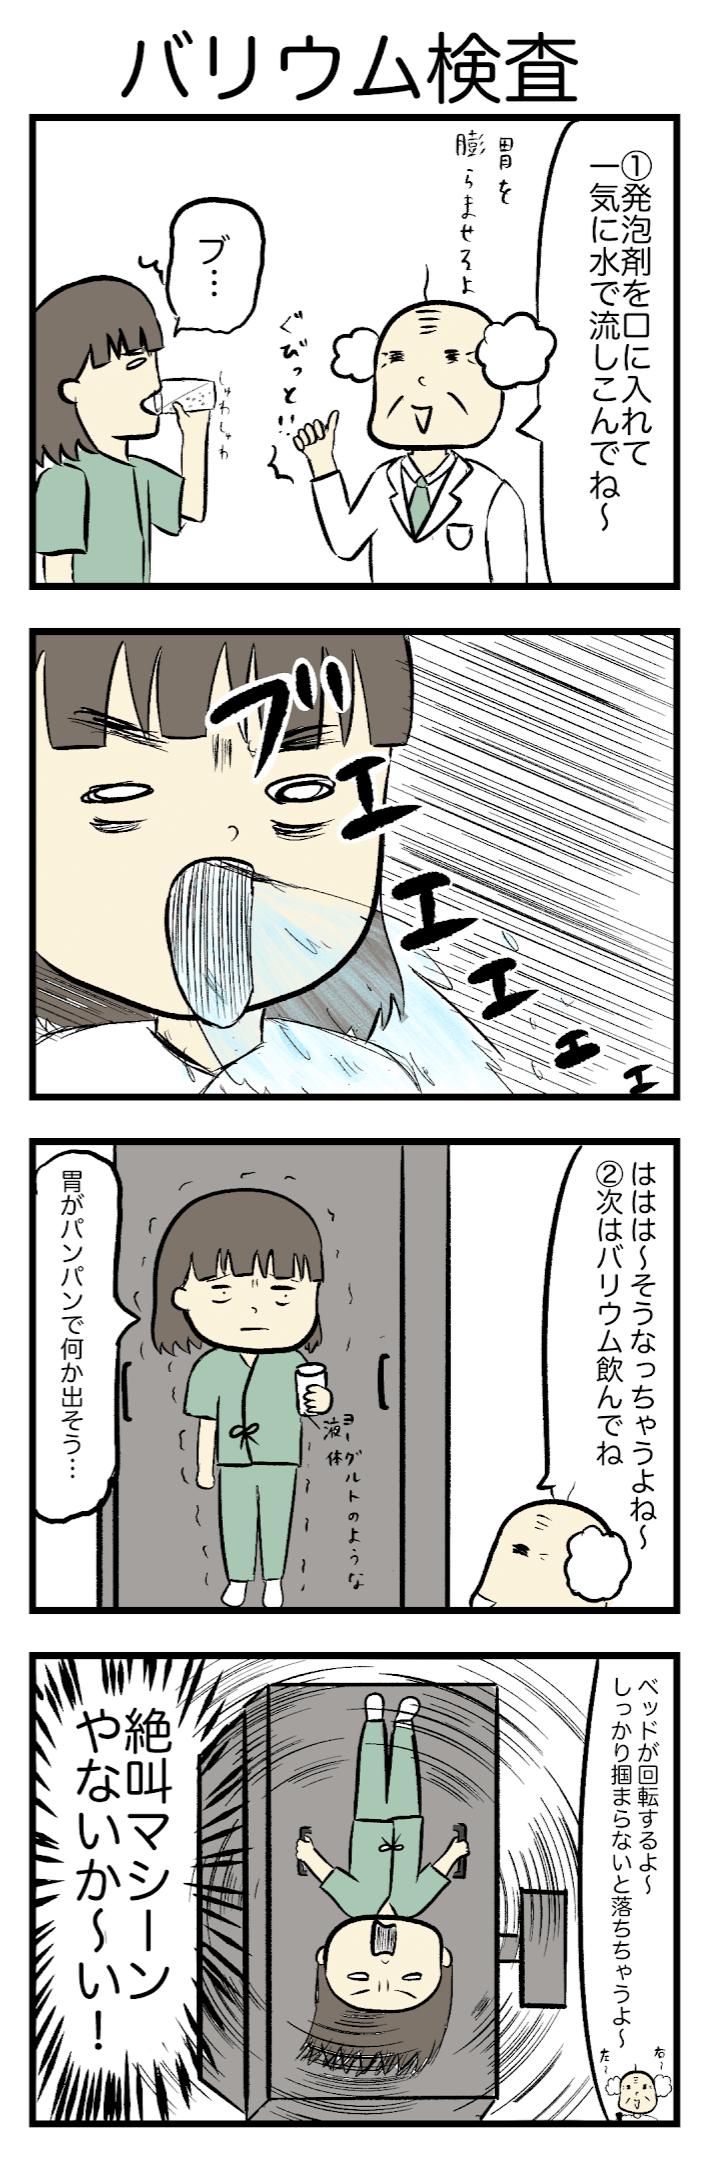 【コミックエッセイ】愉快なゆずぽろと多趣味なアラサー(3)